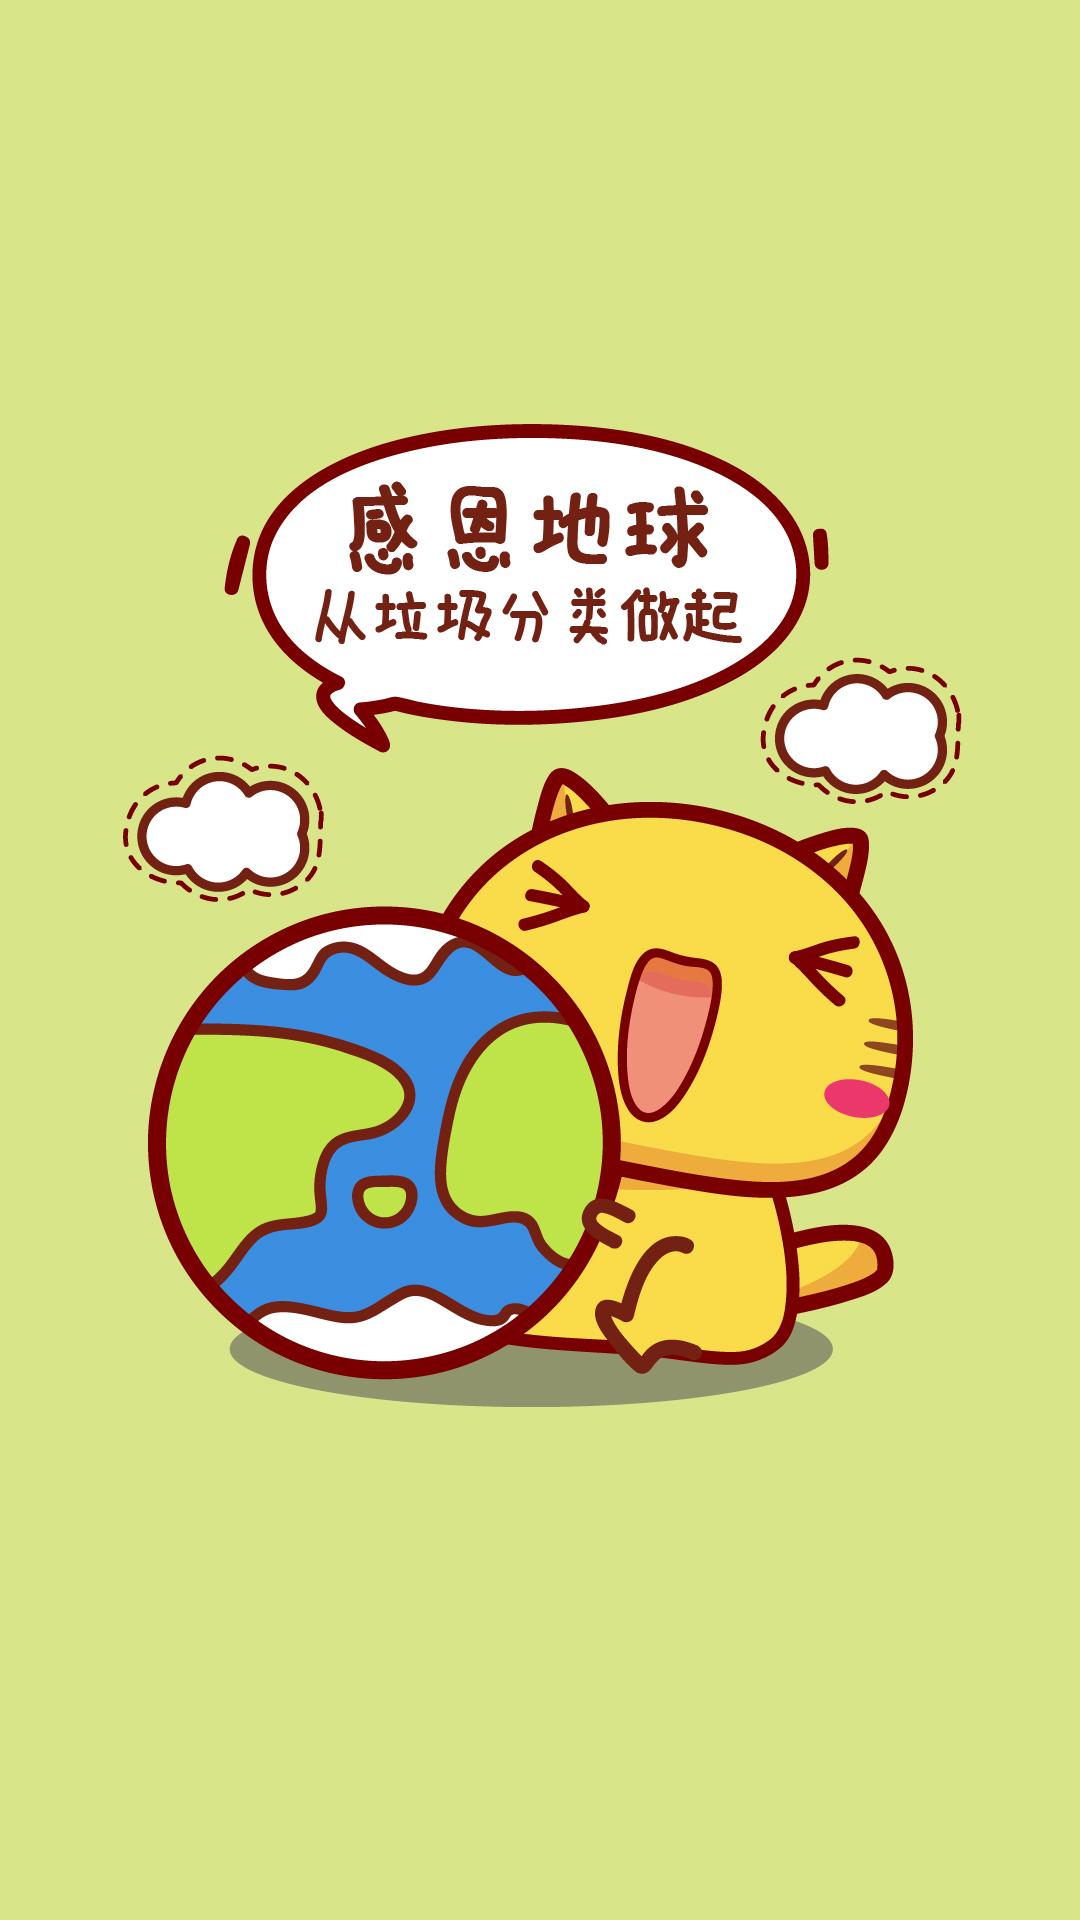 感恩地球从垃圾分类做起